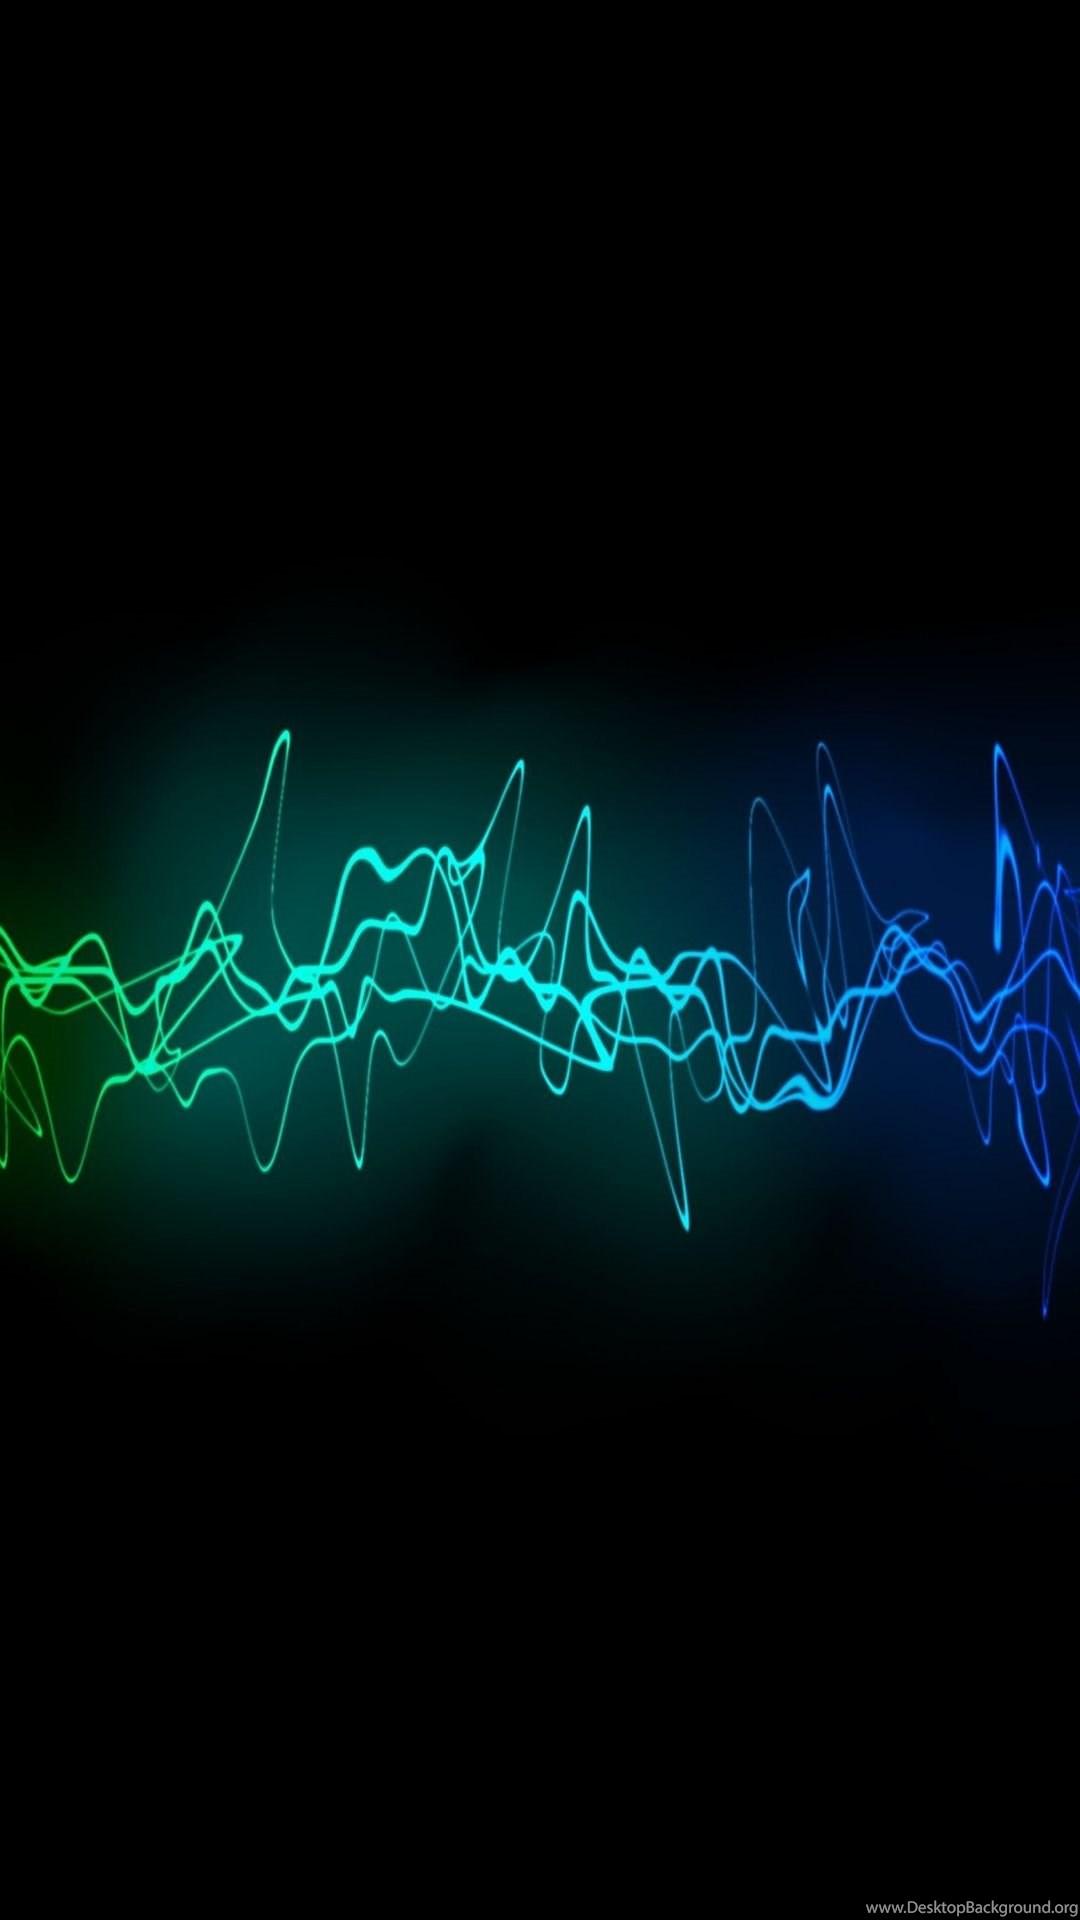 Звуки с iphone 6 скачать